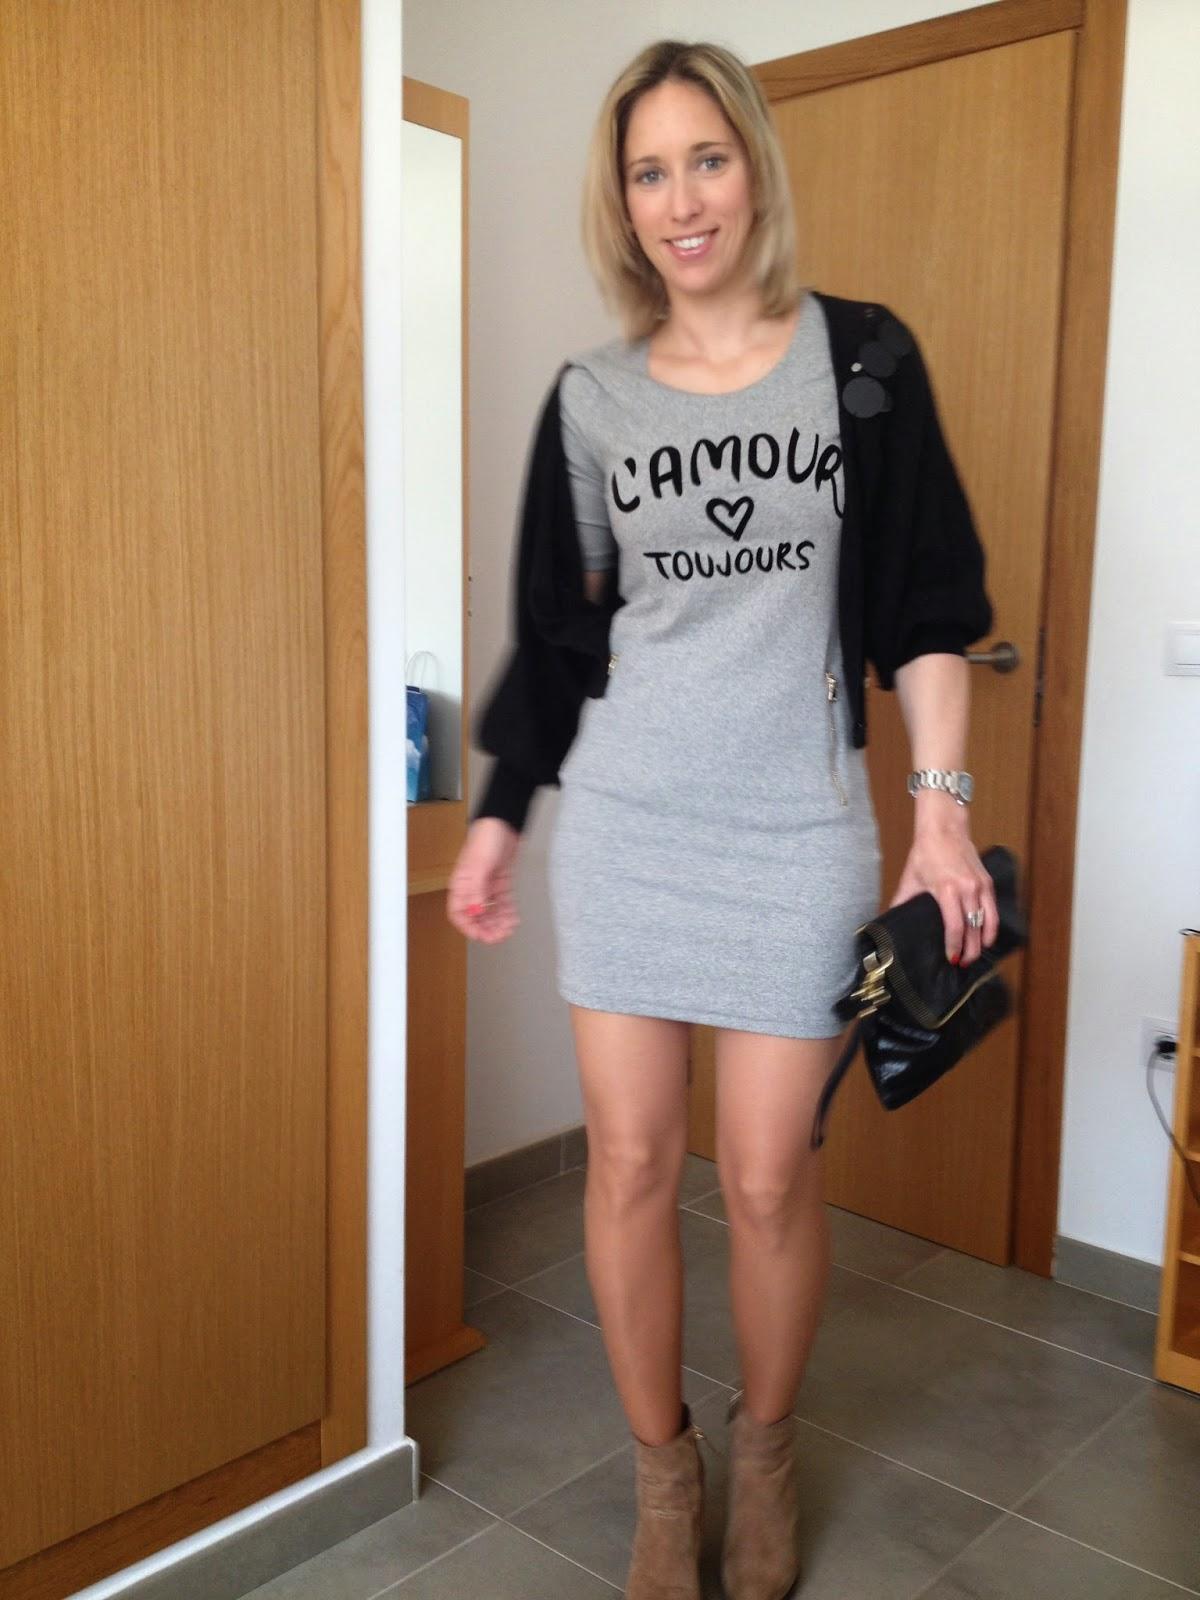 Stravaganza Vestido Gris Sporty Un Mismo Vestido Con Dos